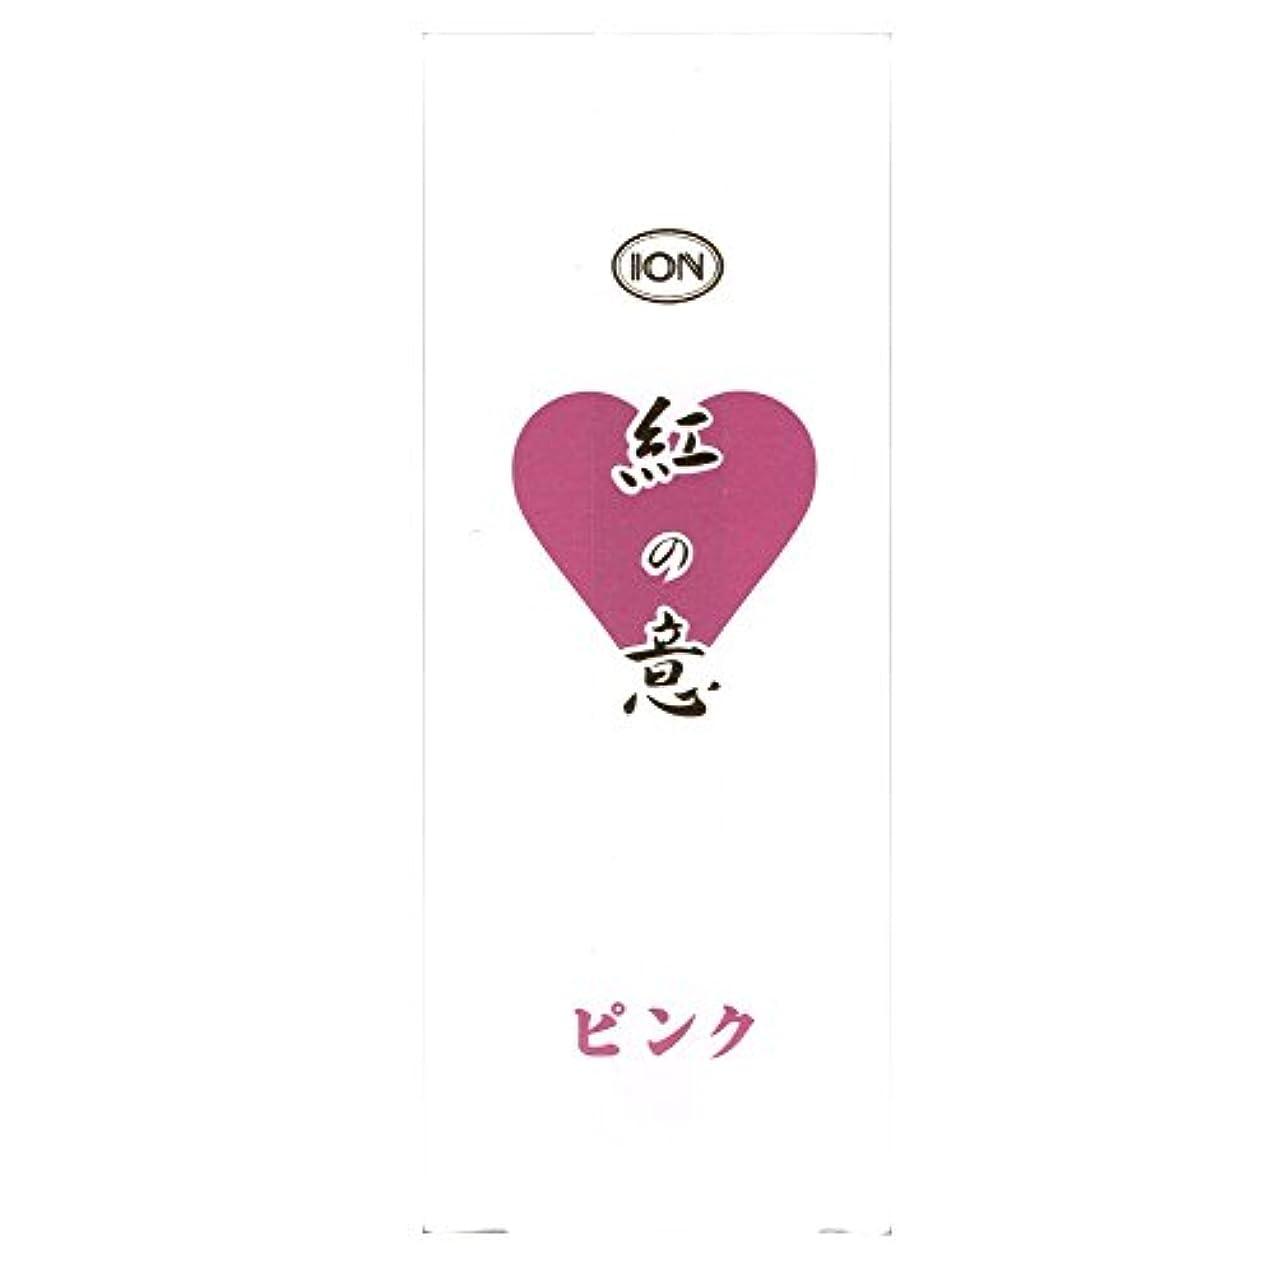 安心させる一般的に冷酷なイオン化粧品 イオンカラークリーム (ピンク)